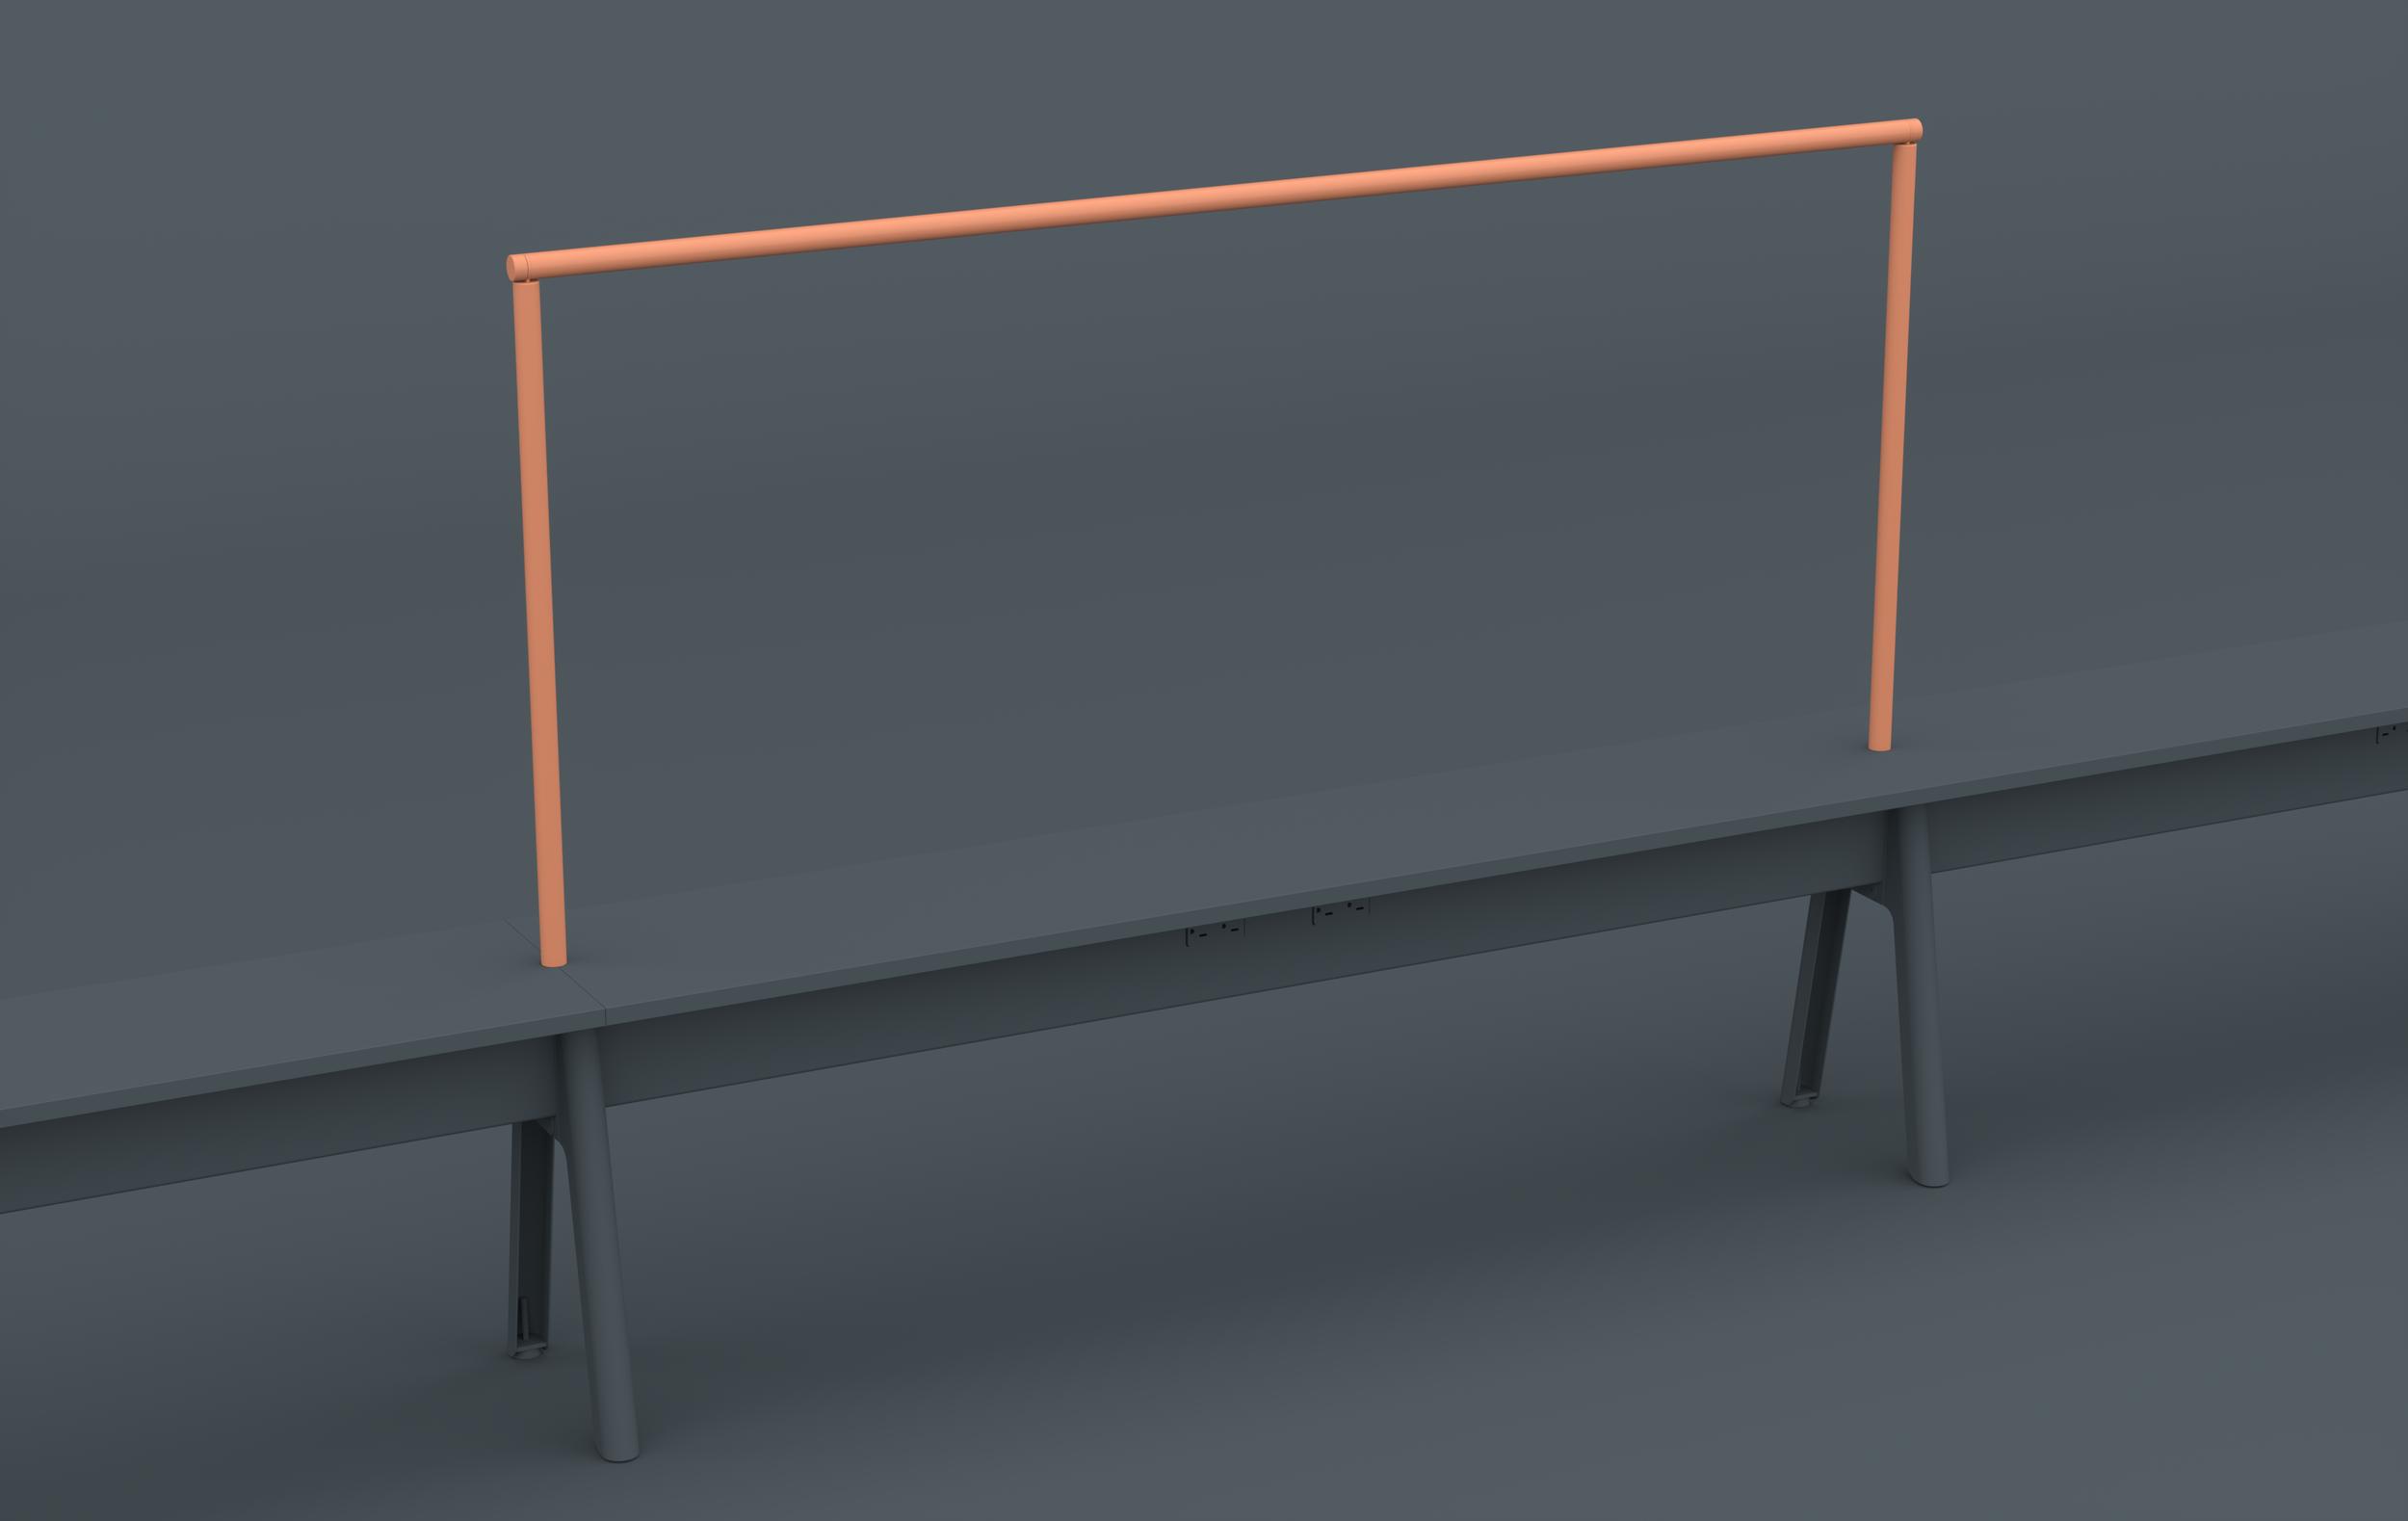 Hangbar